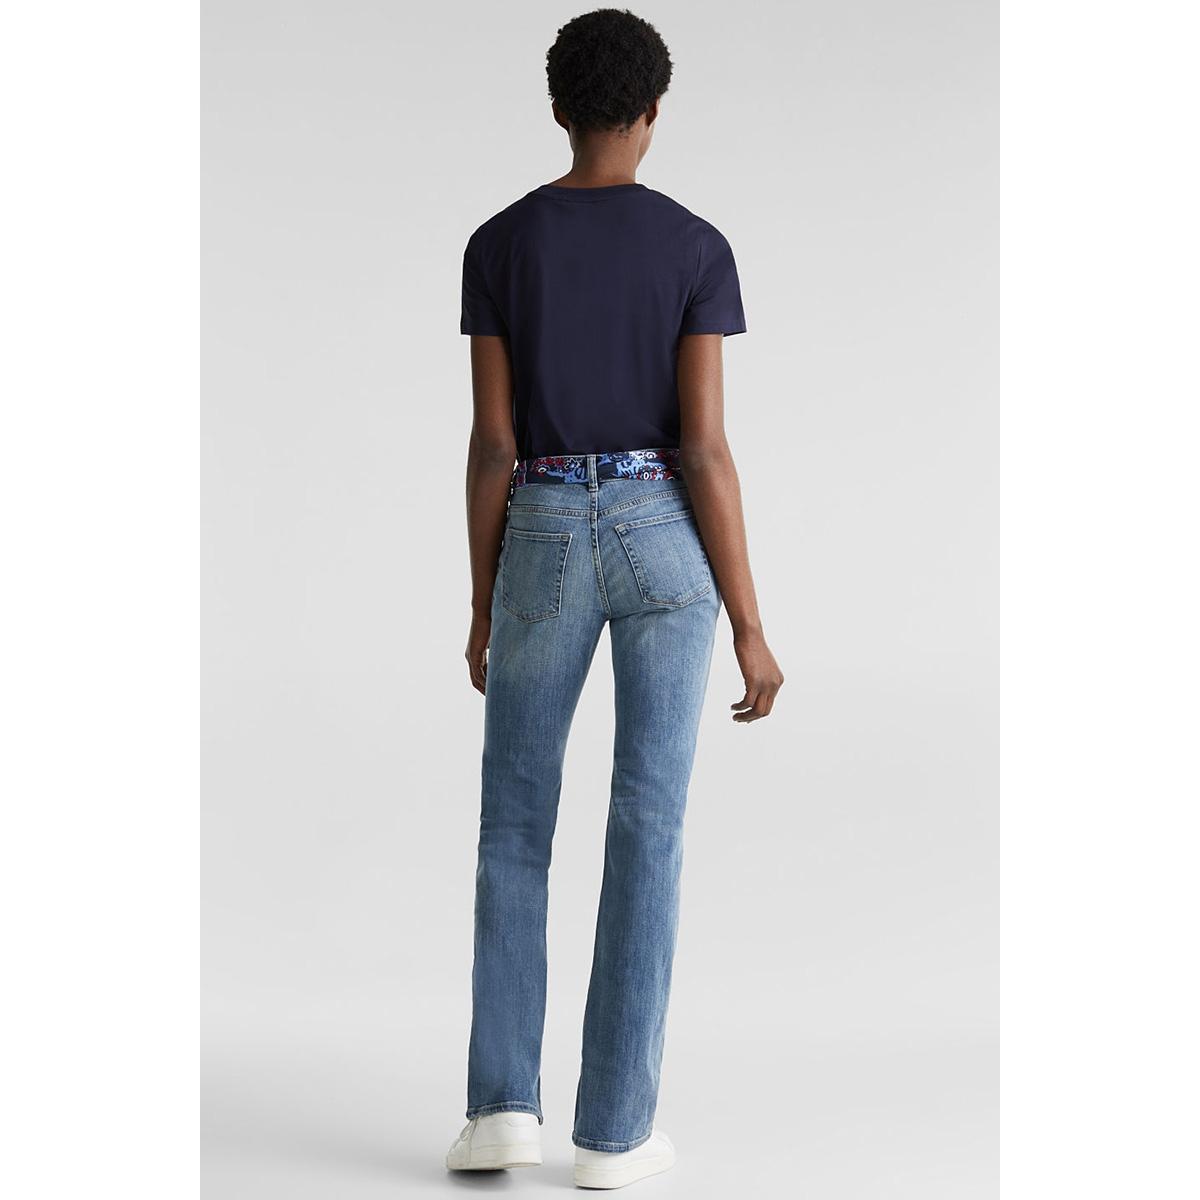 jeans met bandanabindceintuur 020ee1b310 esprit jeans e902